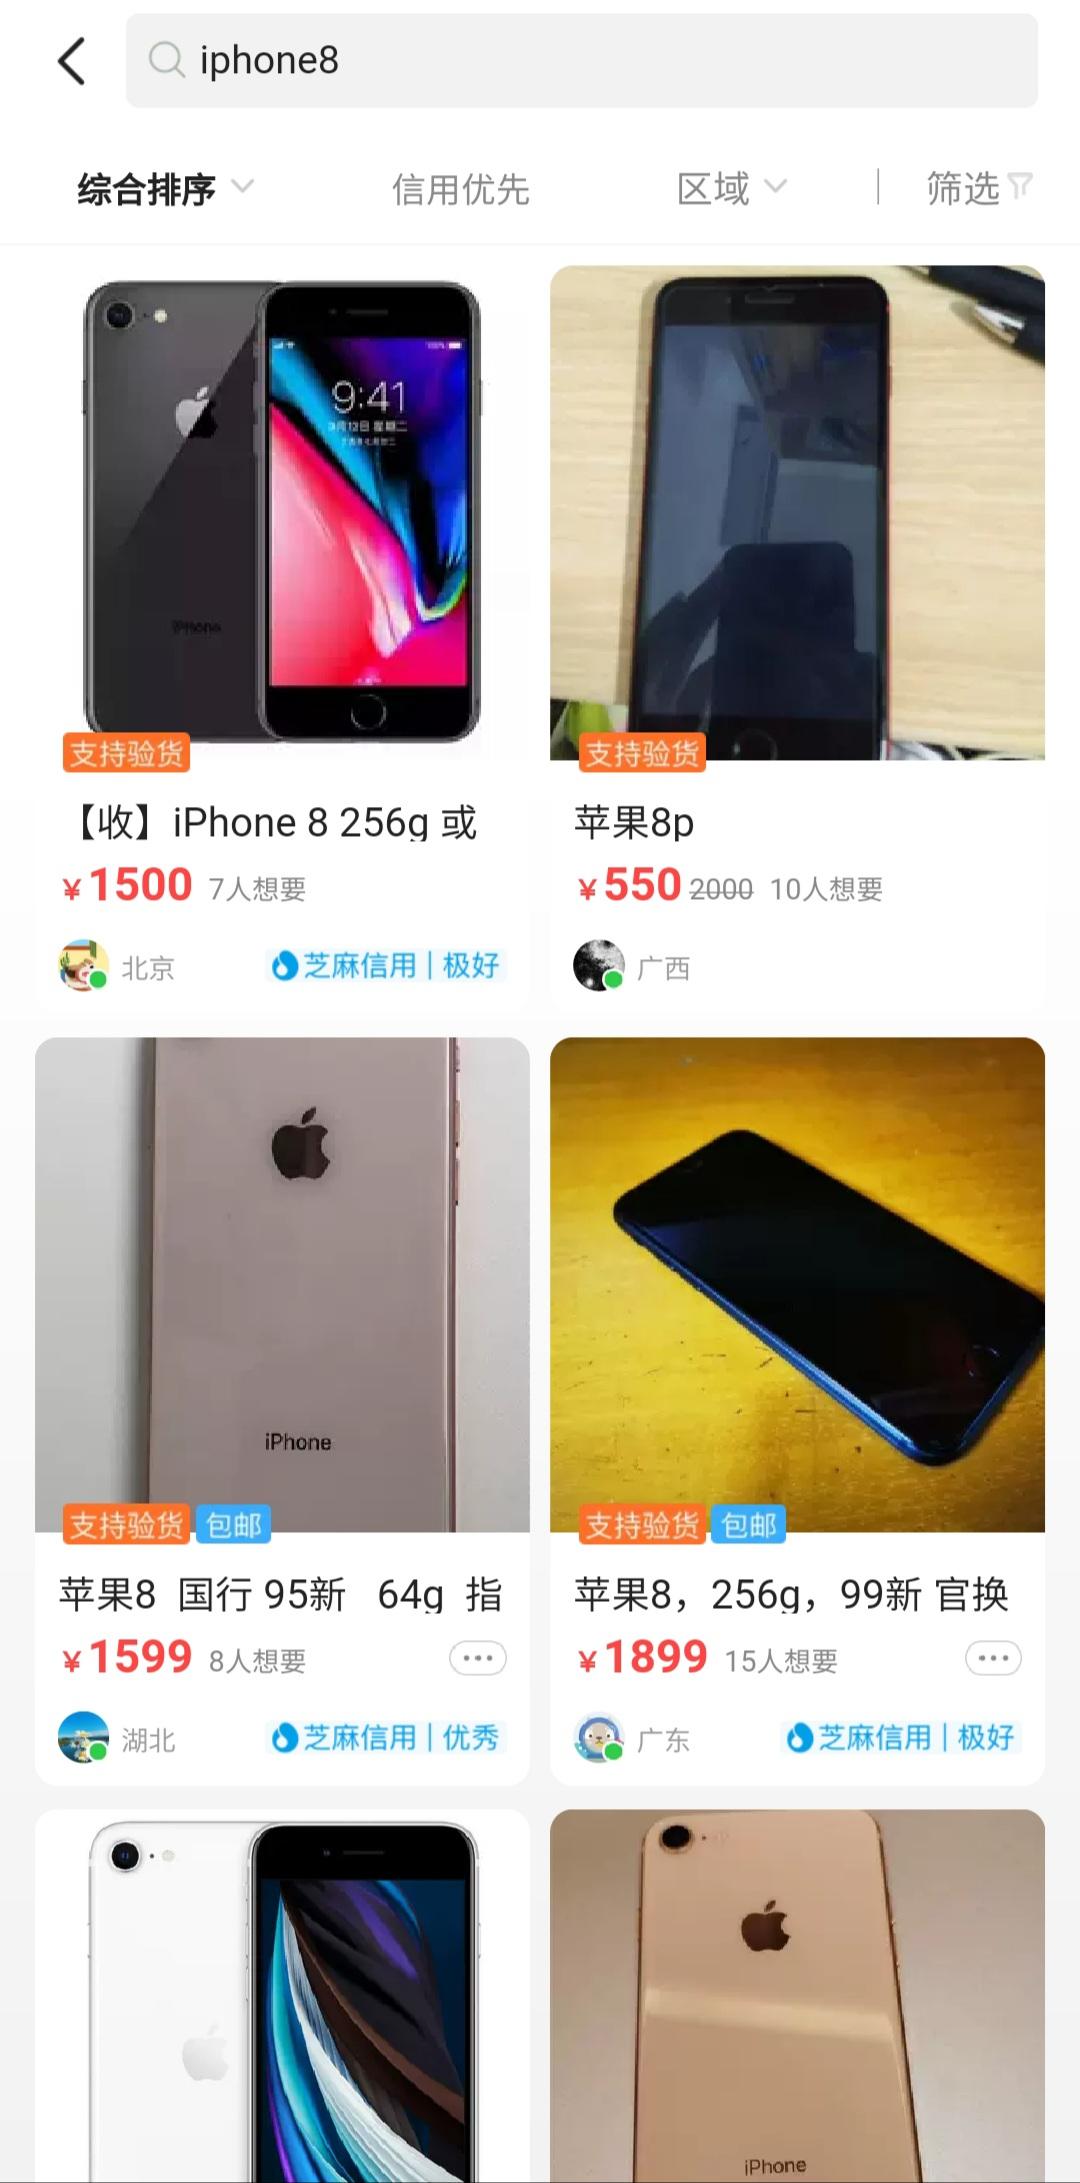 今年应用指纹验证的绝响-iPhone8是啥感受